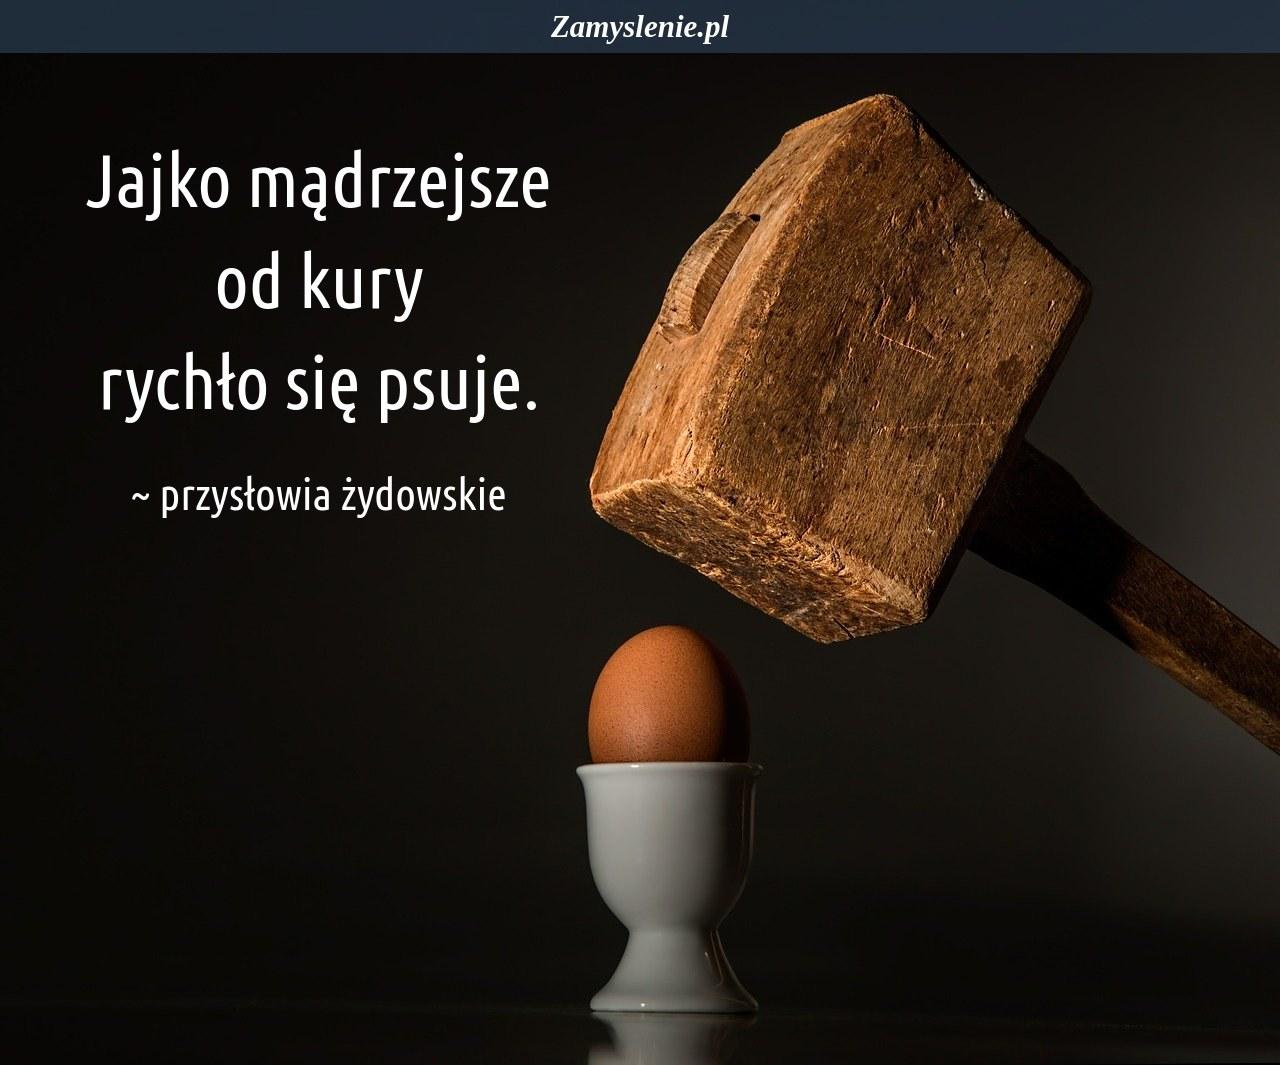 Obraz / mem do cytatu: Jajko mądrzejsze od kury rychło się psuje.